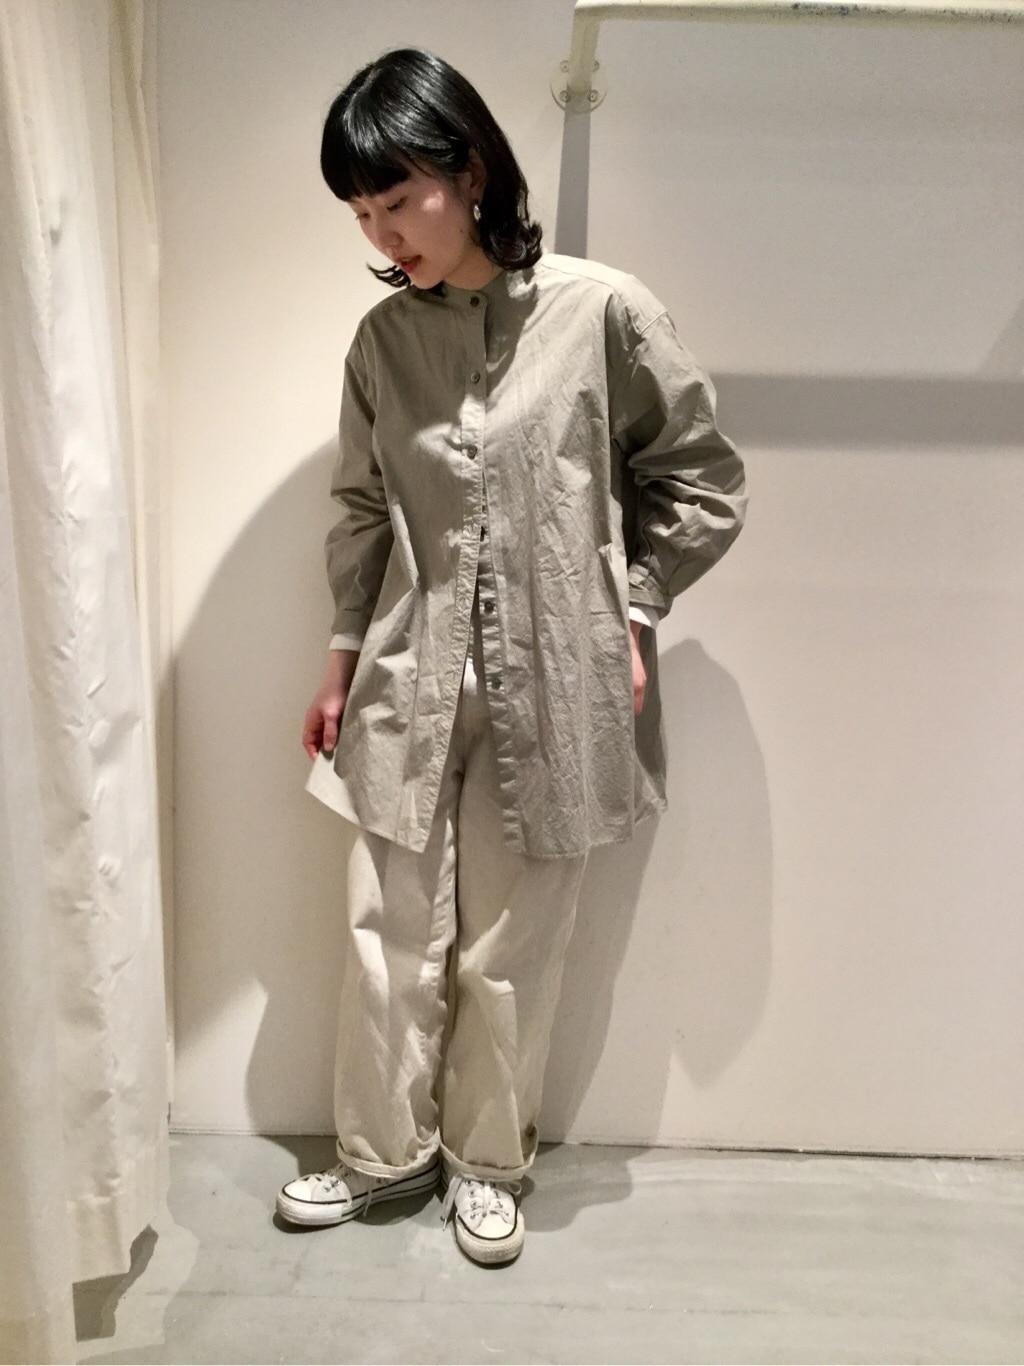 l'atelier du savon 代官山路面 身長:157cm 2020.03.04